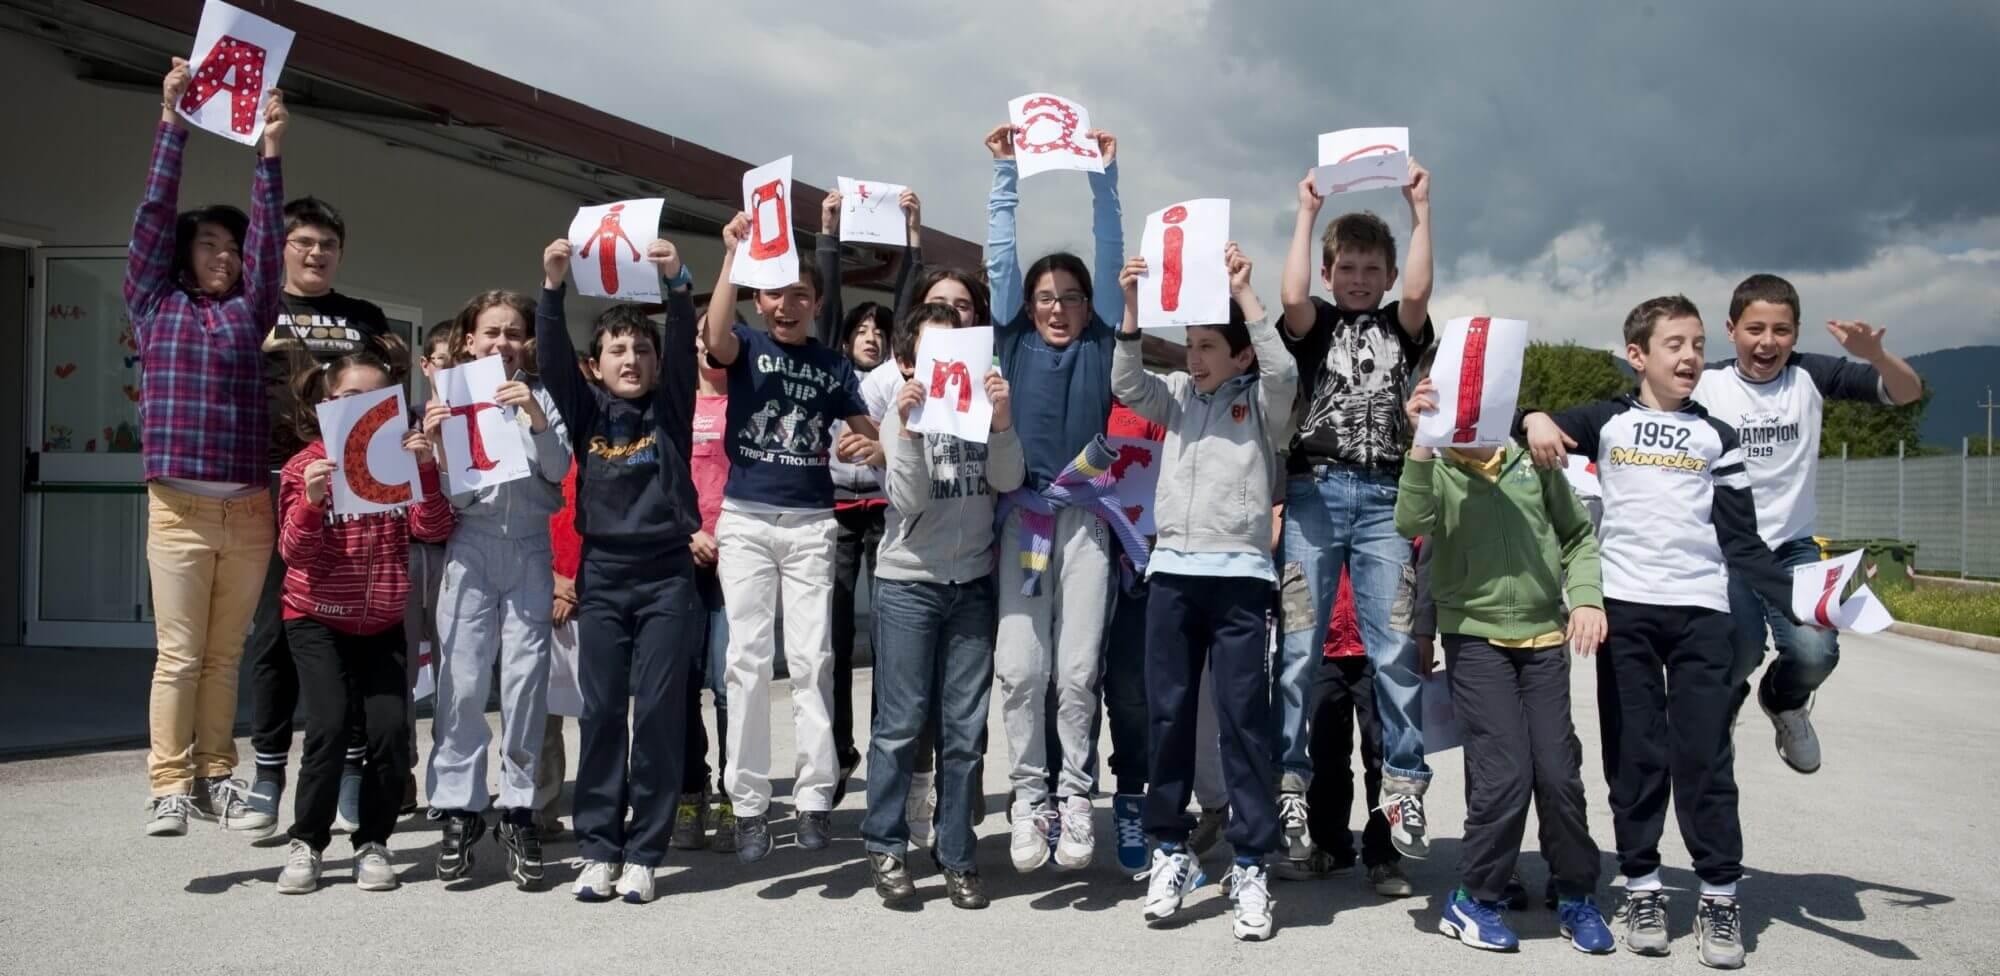 progetti actionaid ActionAid projects violazione dei diritti umani